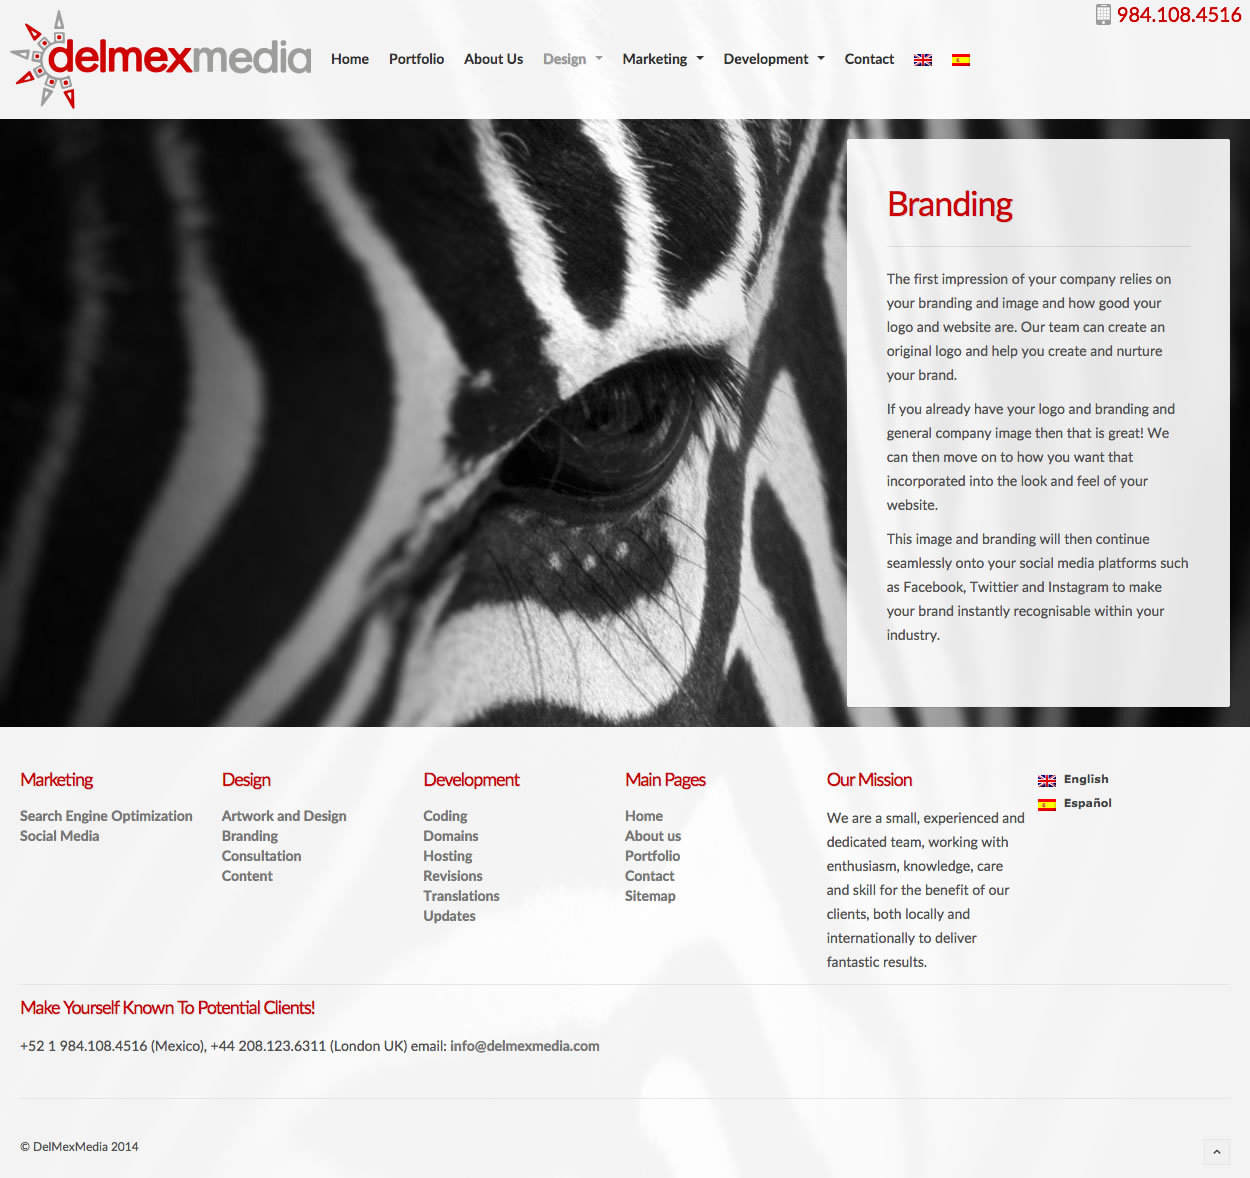 DelmexMedia - Branding